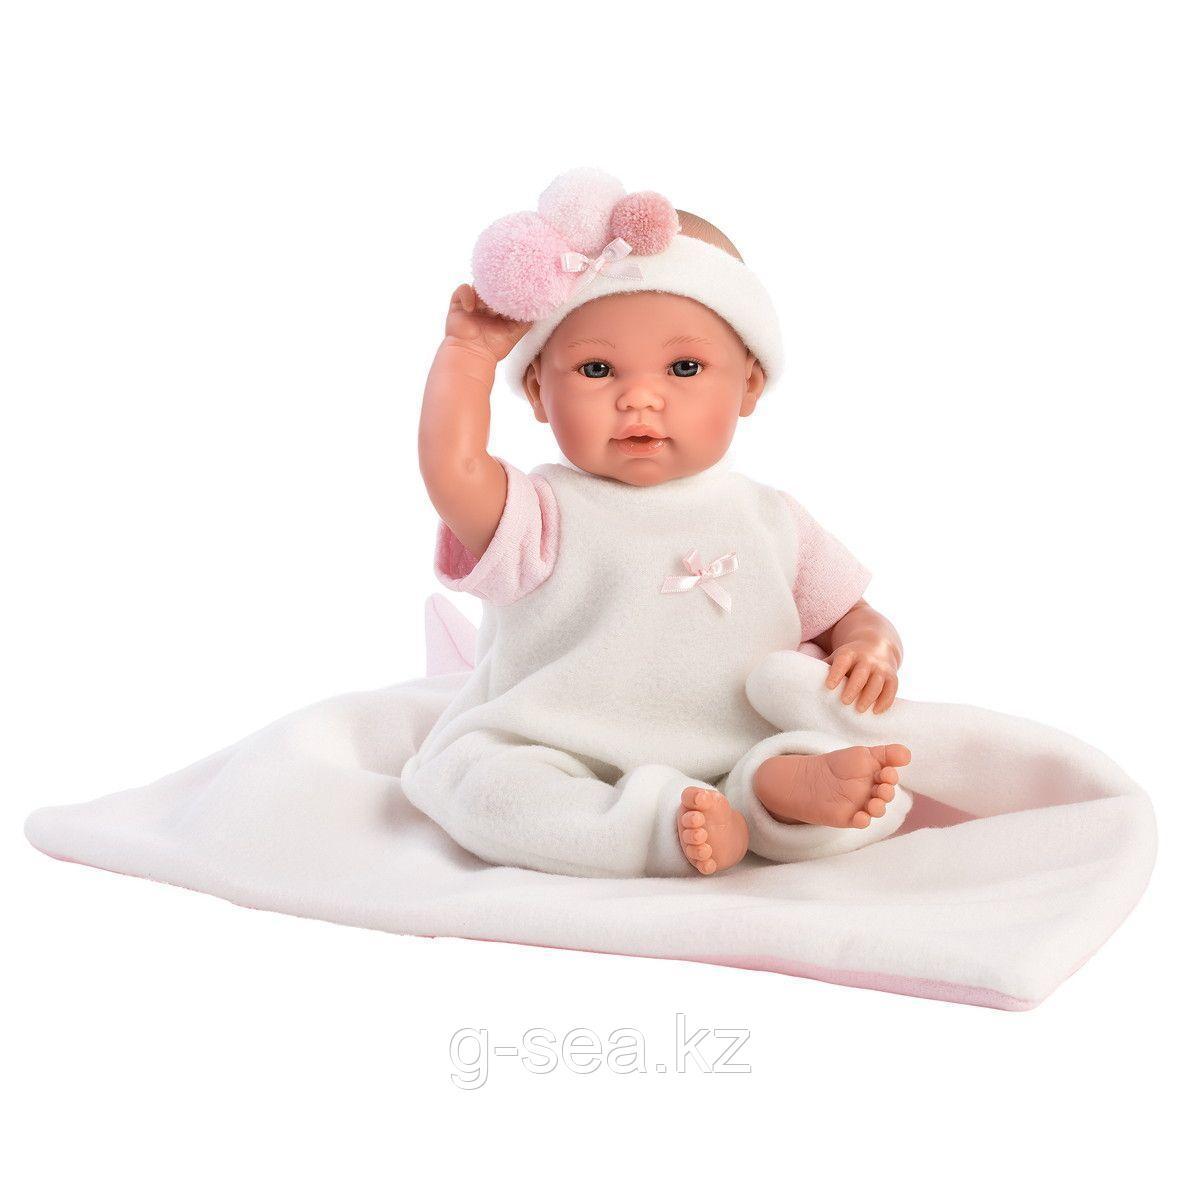 LLORENS: Пупс 36 см в роззовой шапочке с пумпонами, с одеялом-конвертом